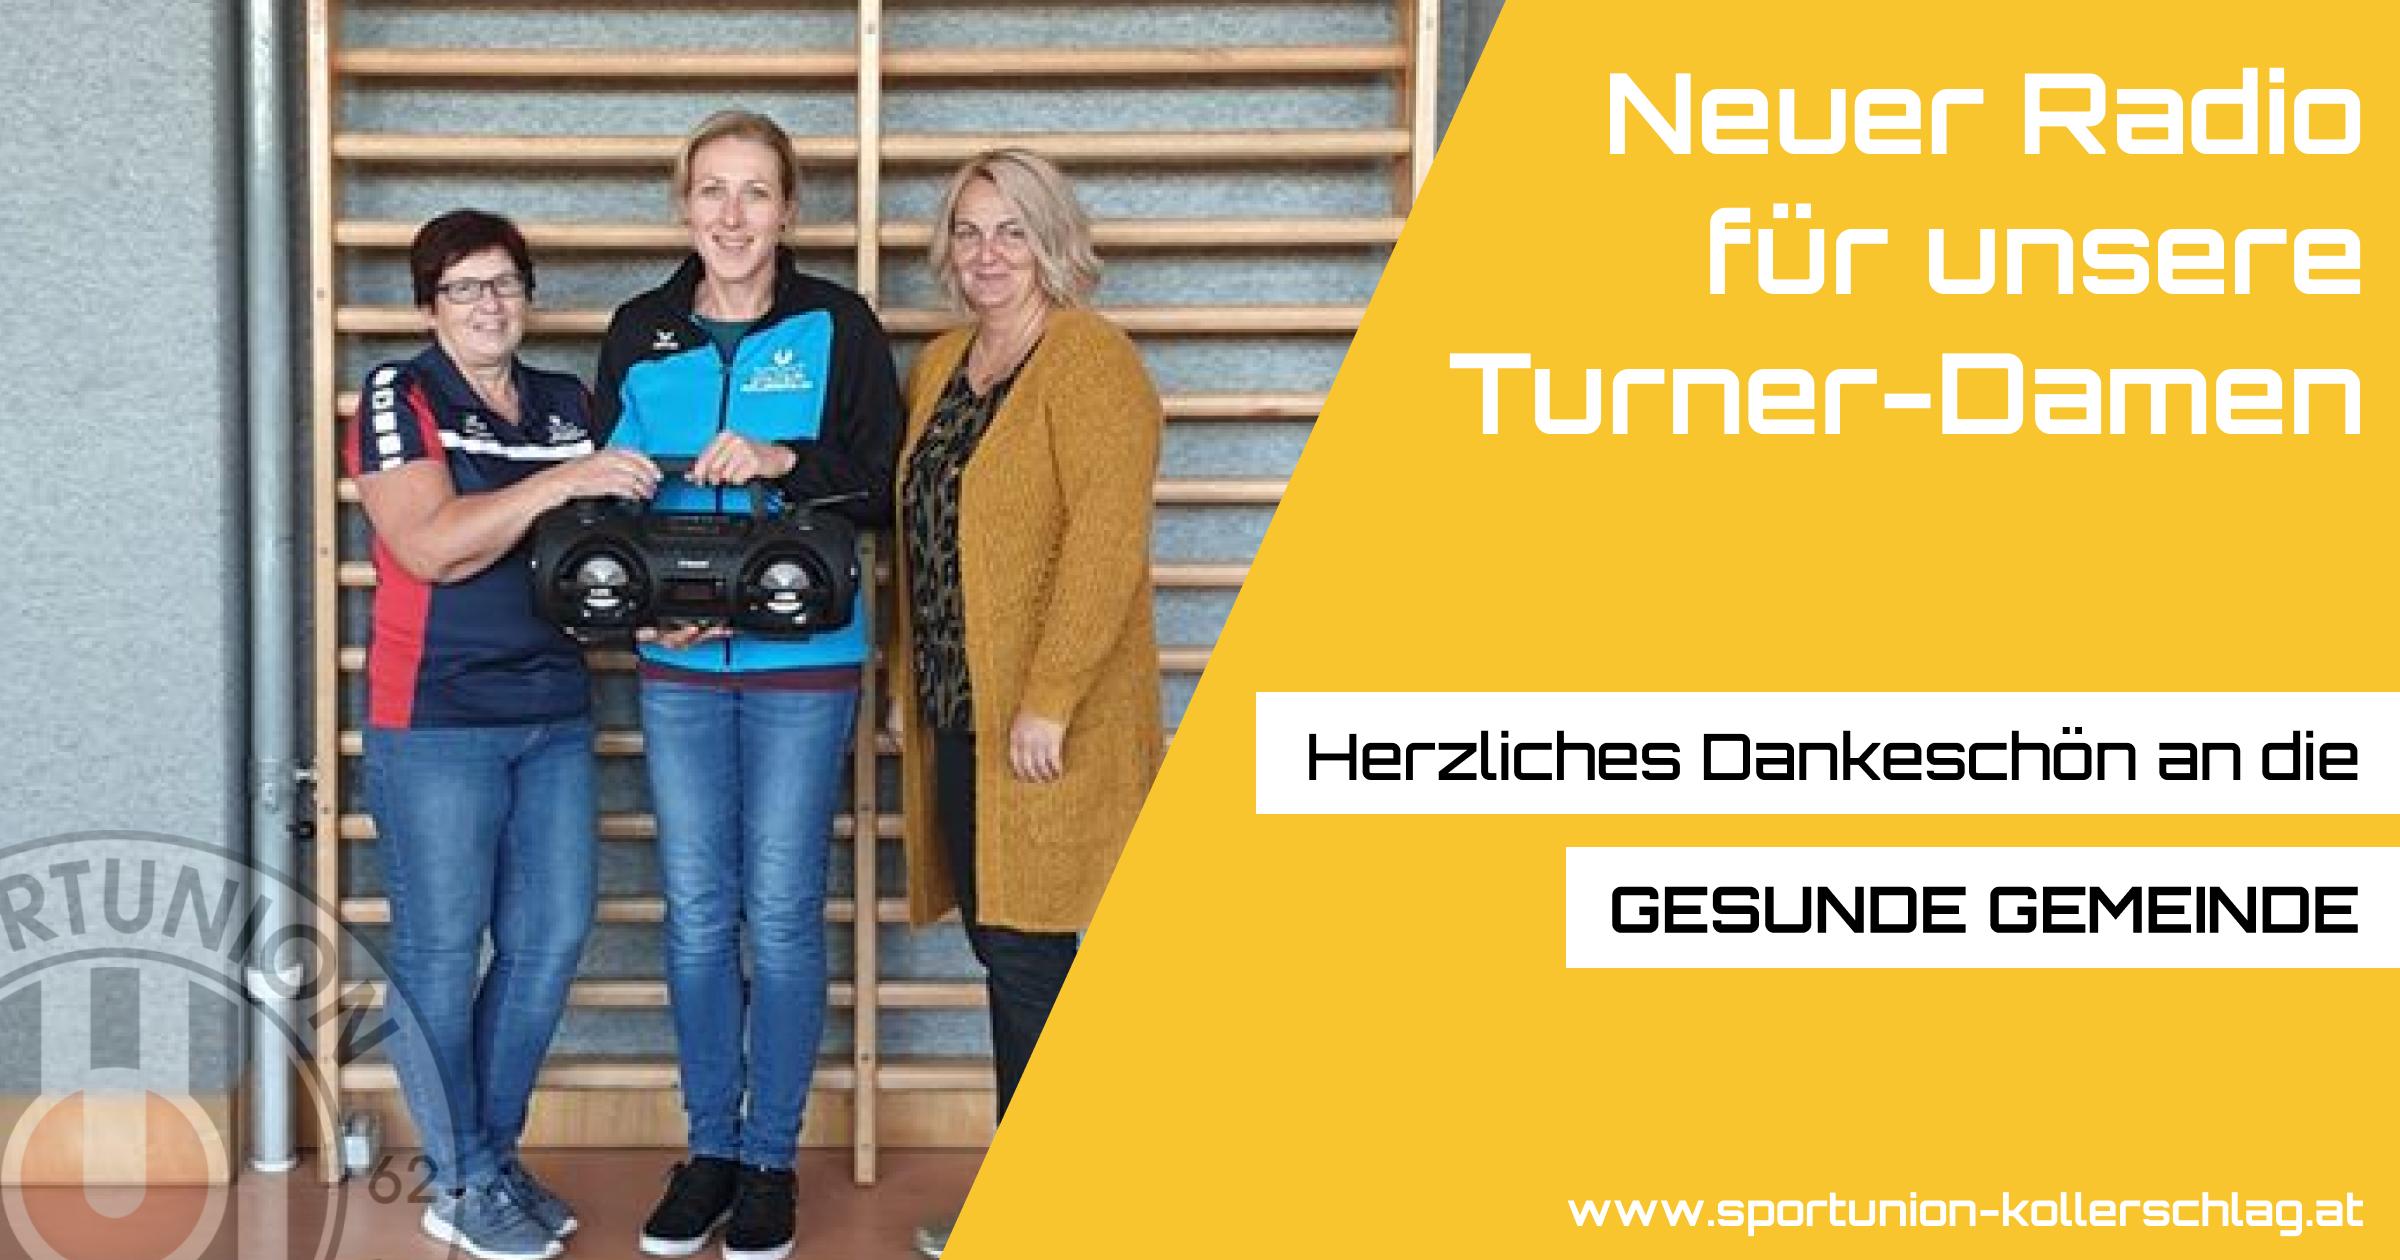 Neuer Radio für unsere Turner-Damen